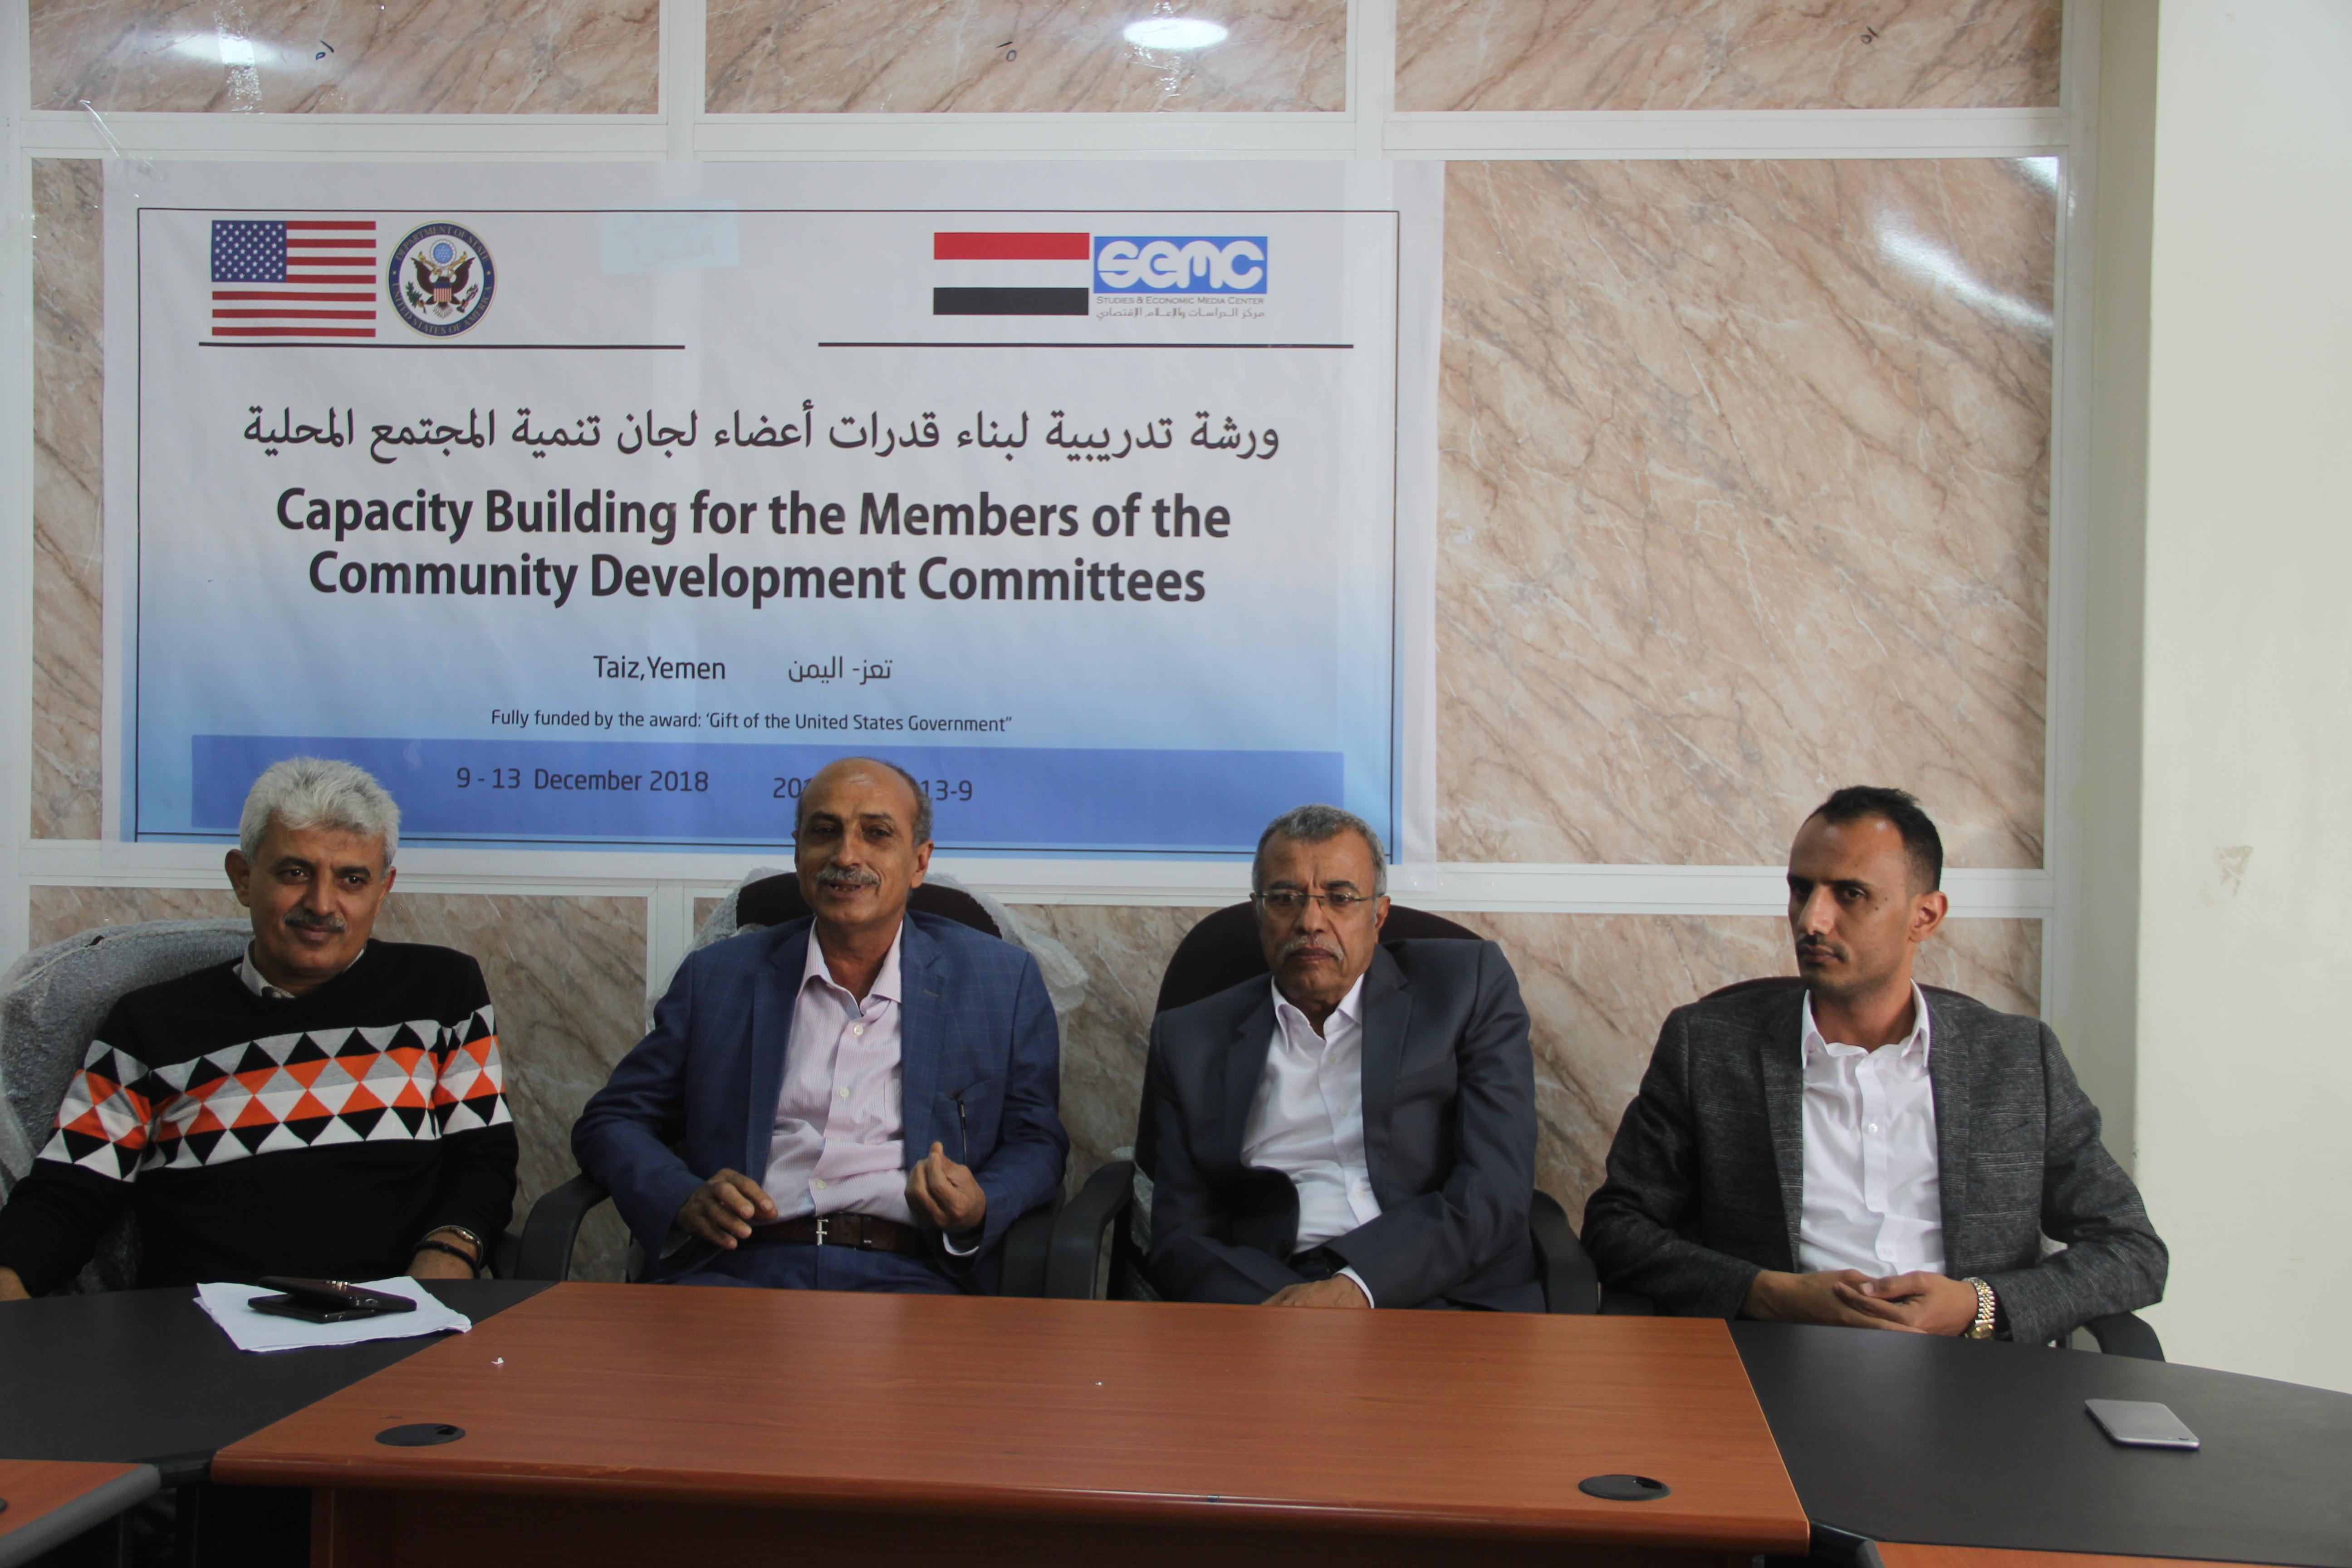 الاعلام الاقتصادي يختتم ورشة تدريبية للجنة التنمية المحلية في مديرية القاهرة بتعز